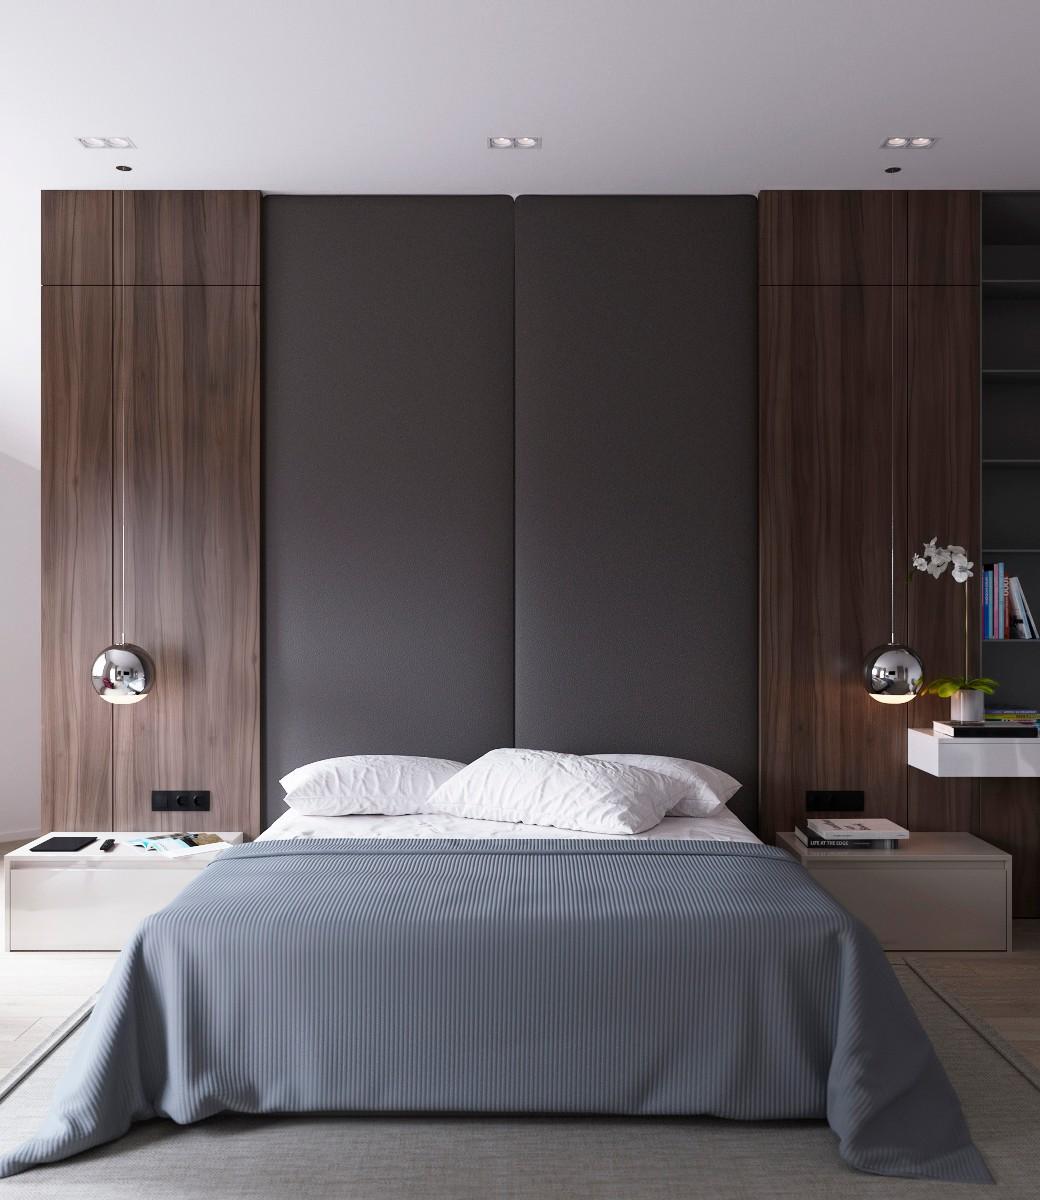 大户型简约风公寓床头背景墙装修效果图